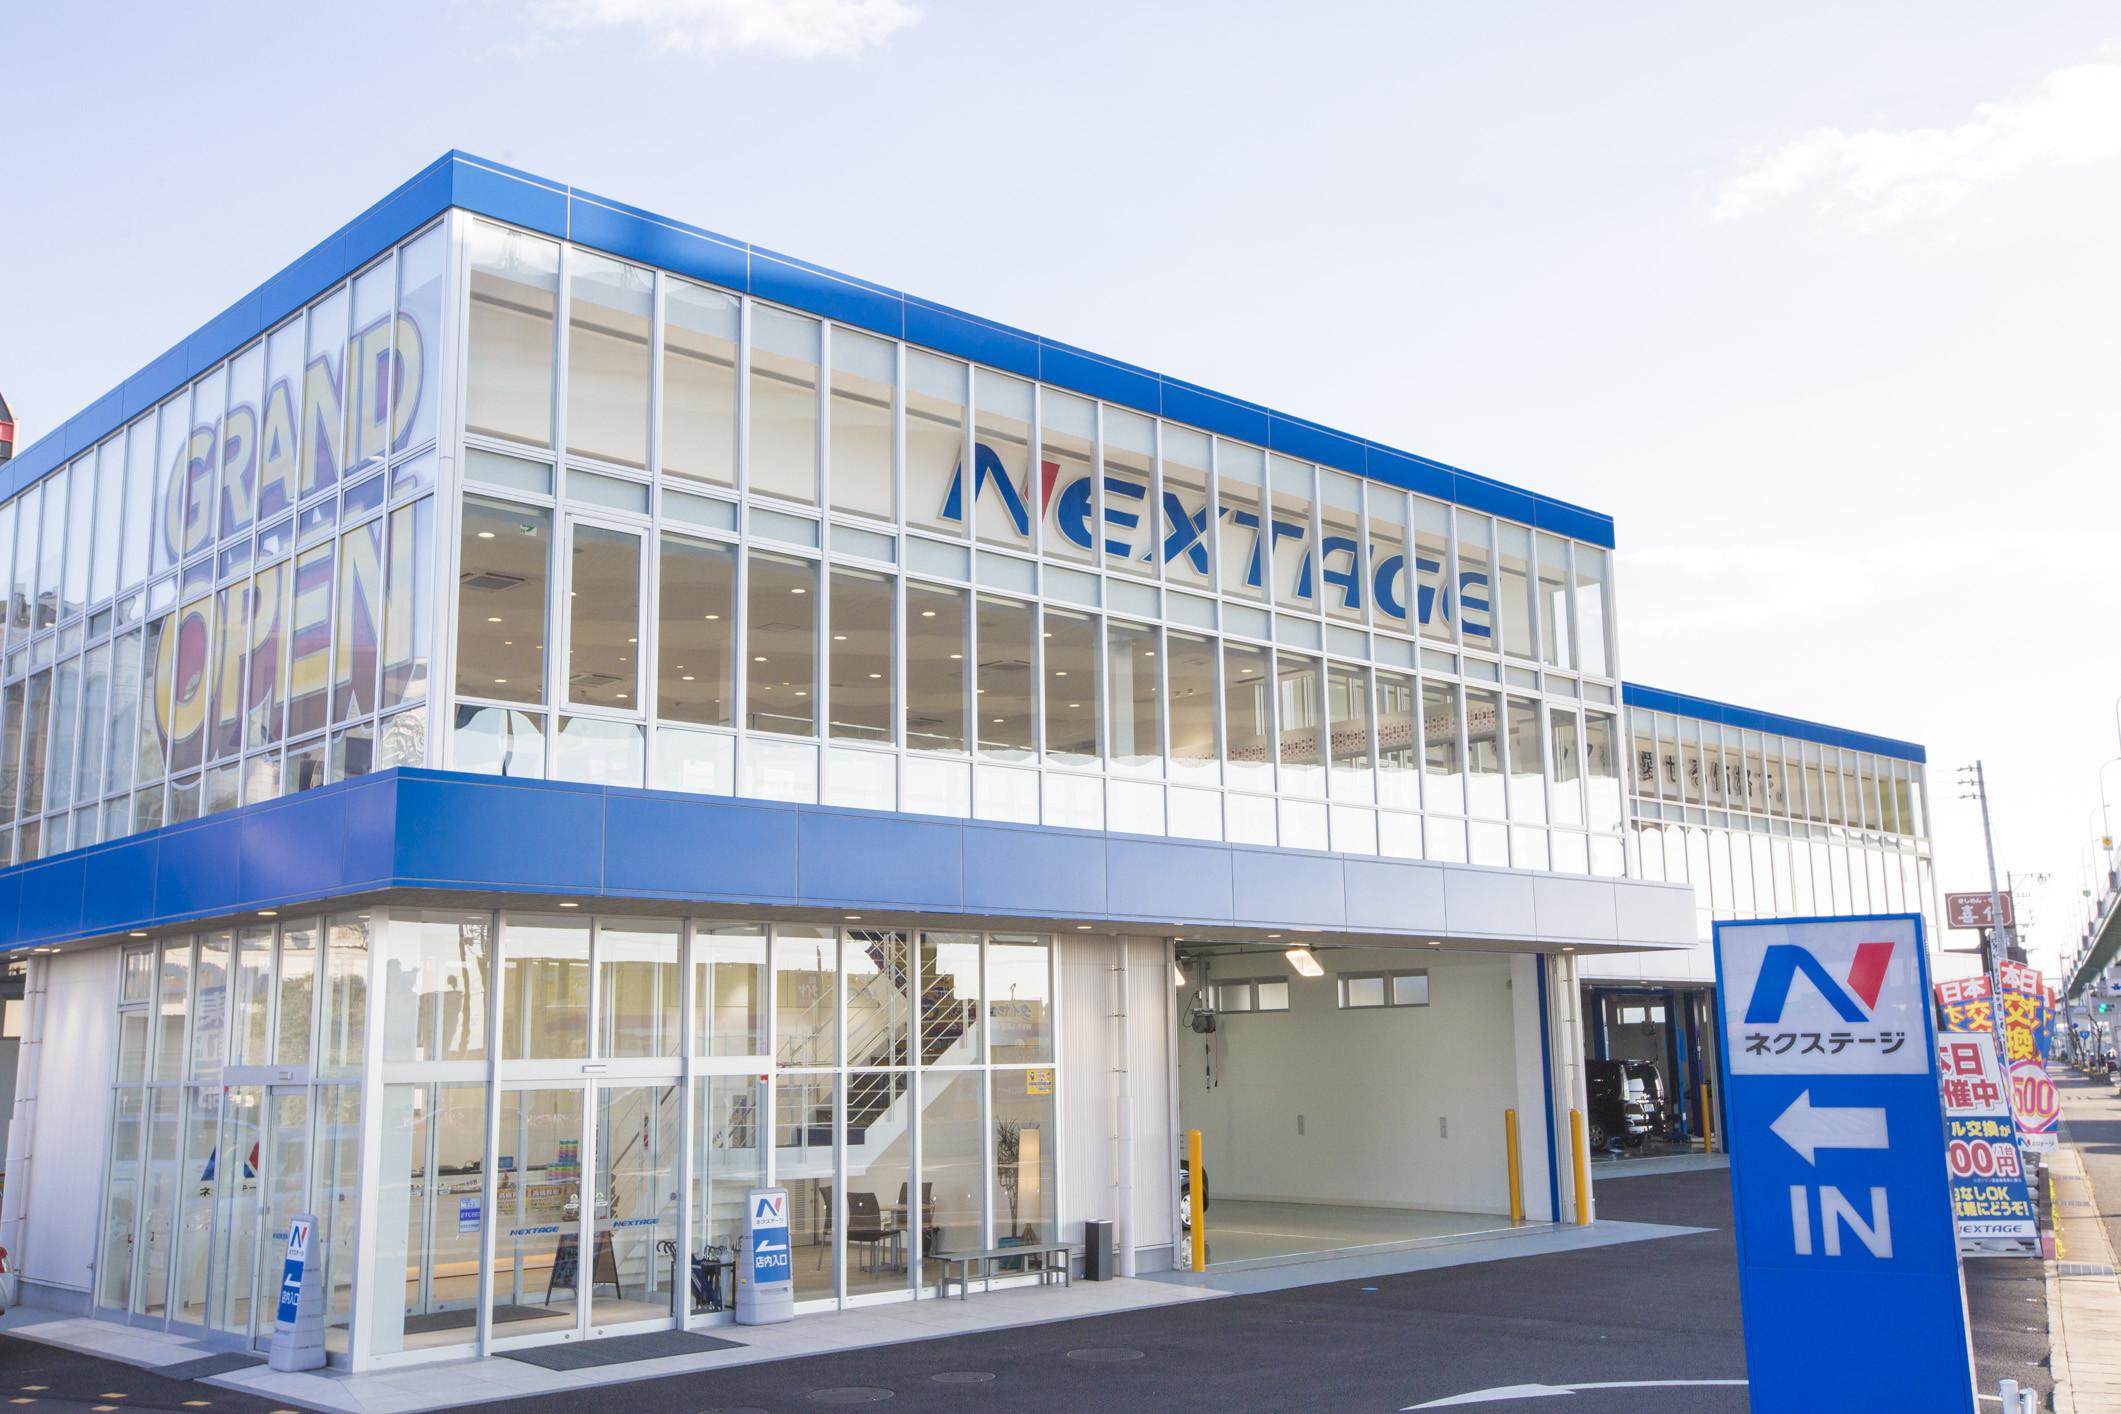 ネクステージ 岐阜 ミニバン専門店のアルバイト情報